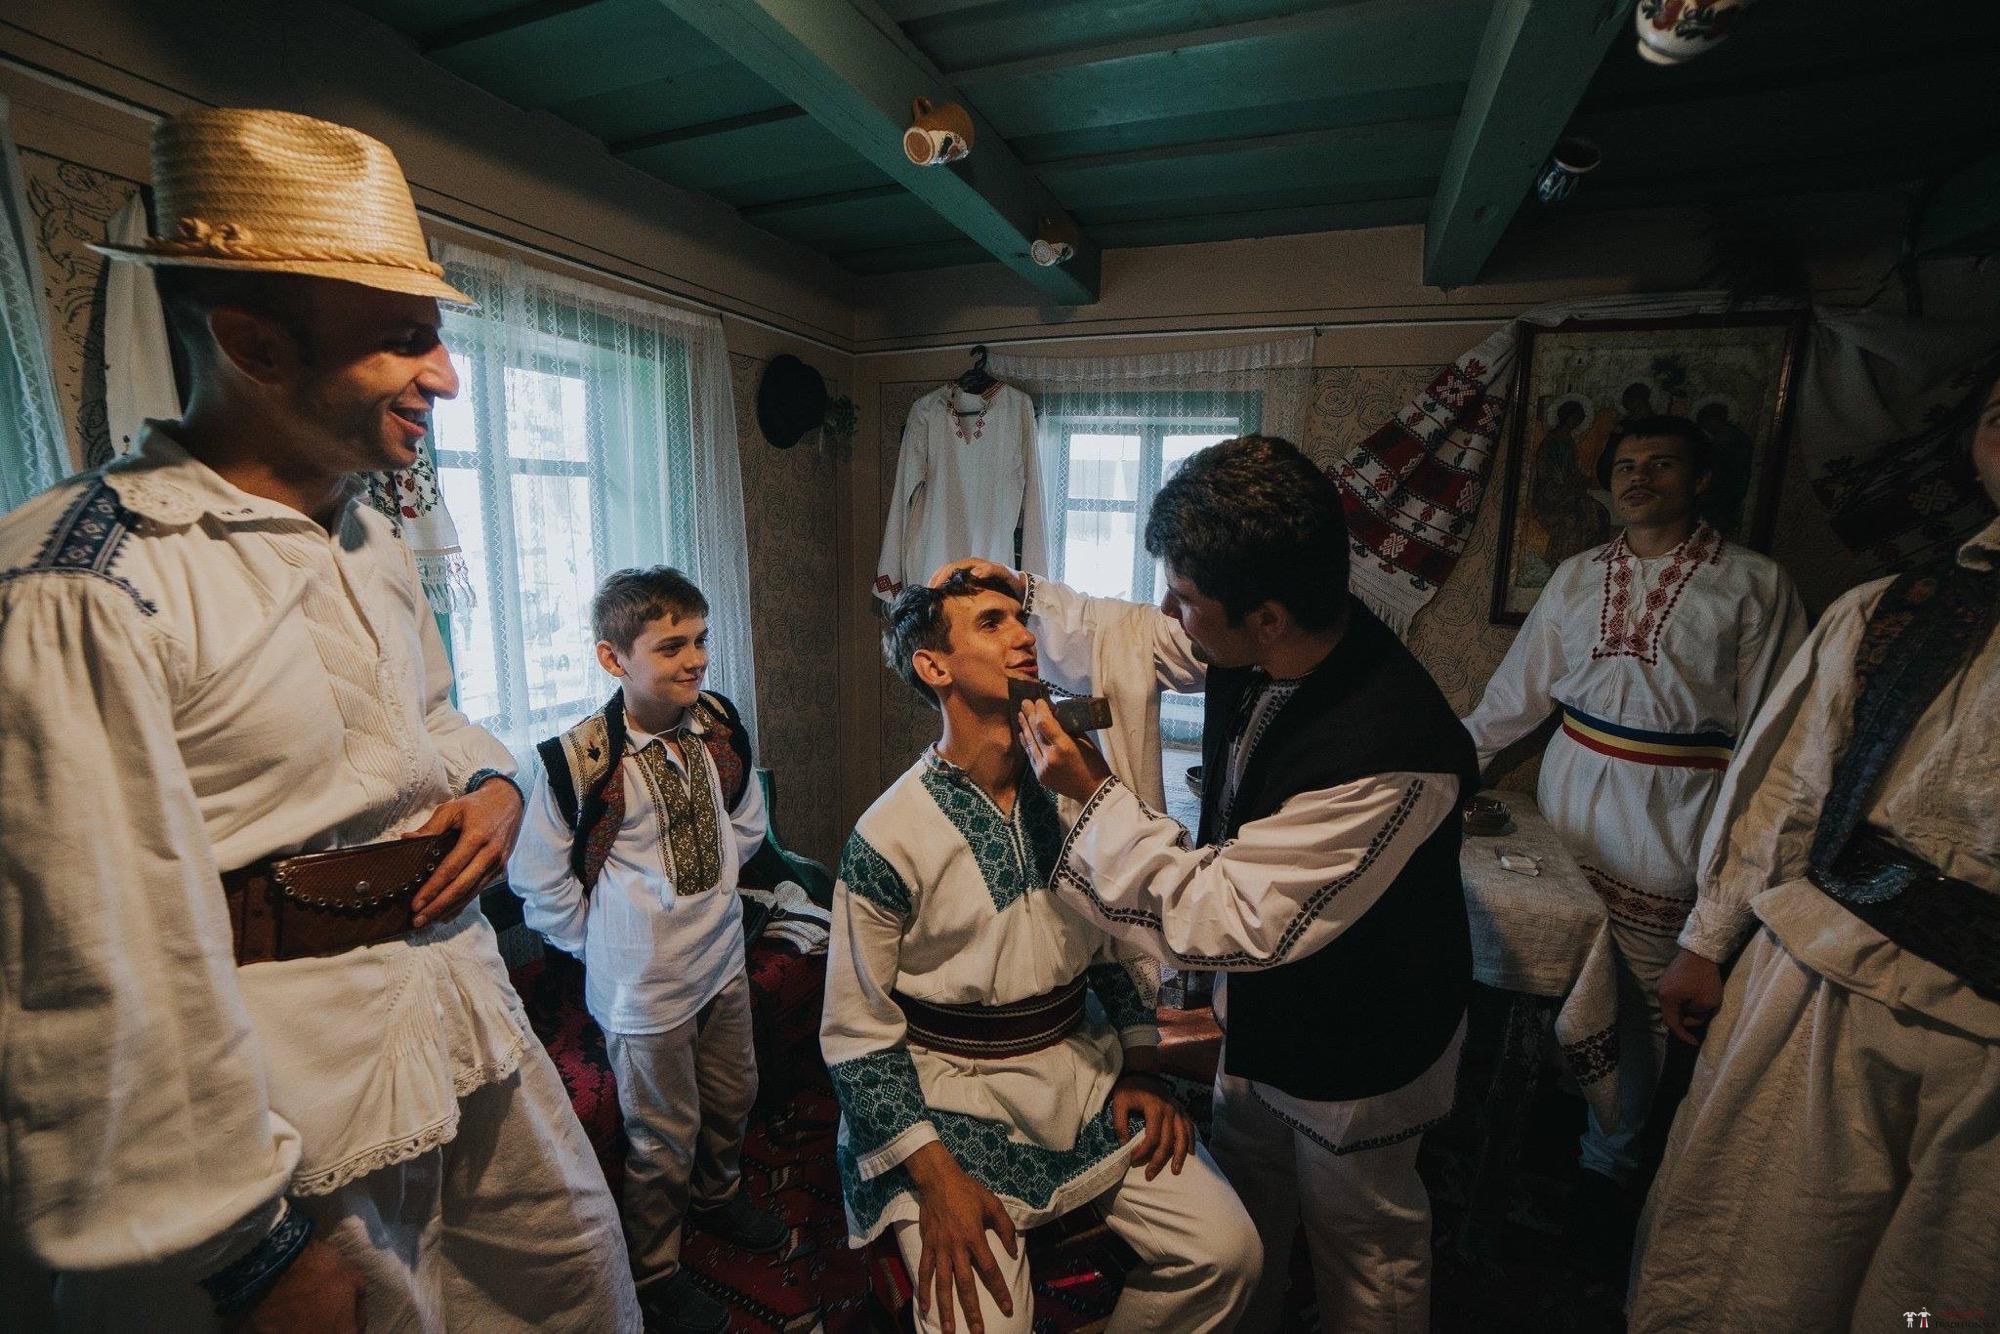 Povești Nunți Tradiționale - Andreea și Sergiu. Nuntă tradițională în Alba-Iulia 6